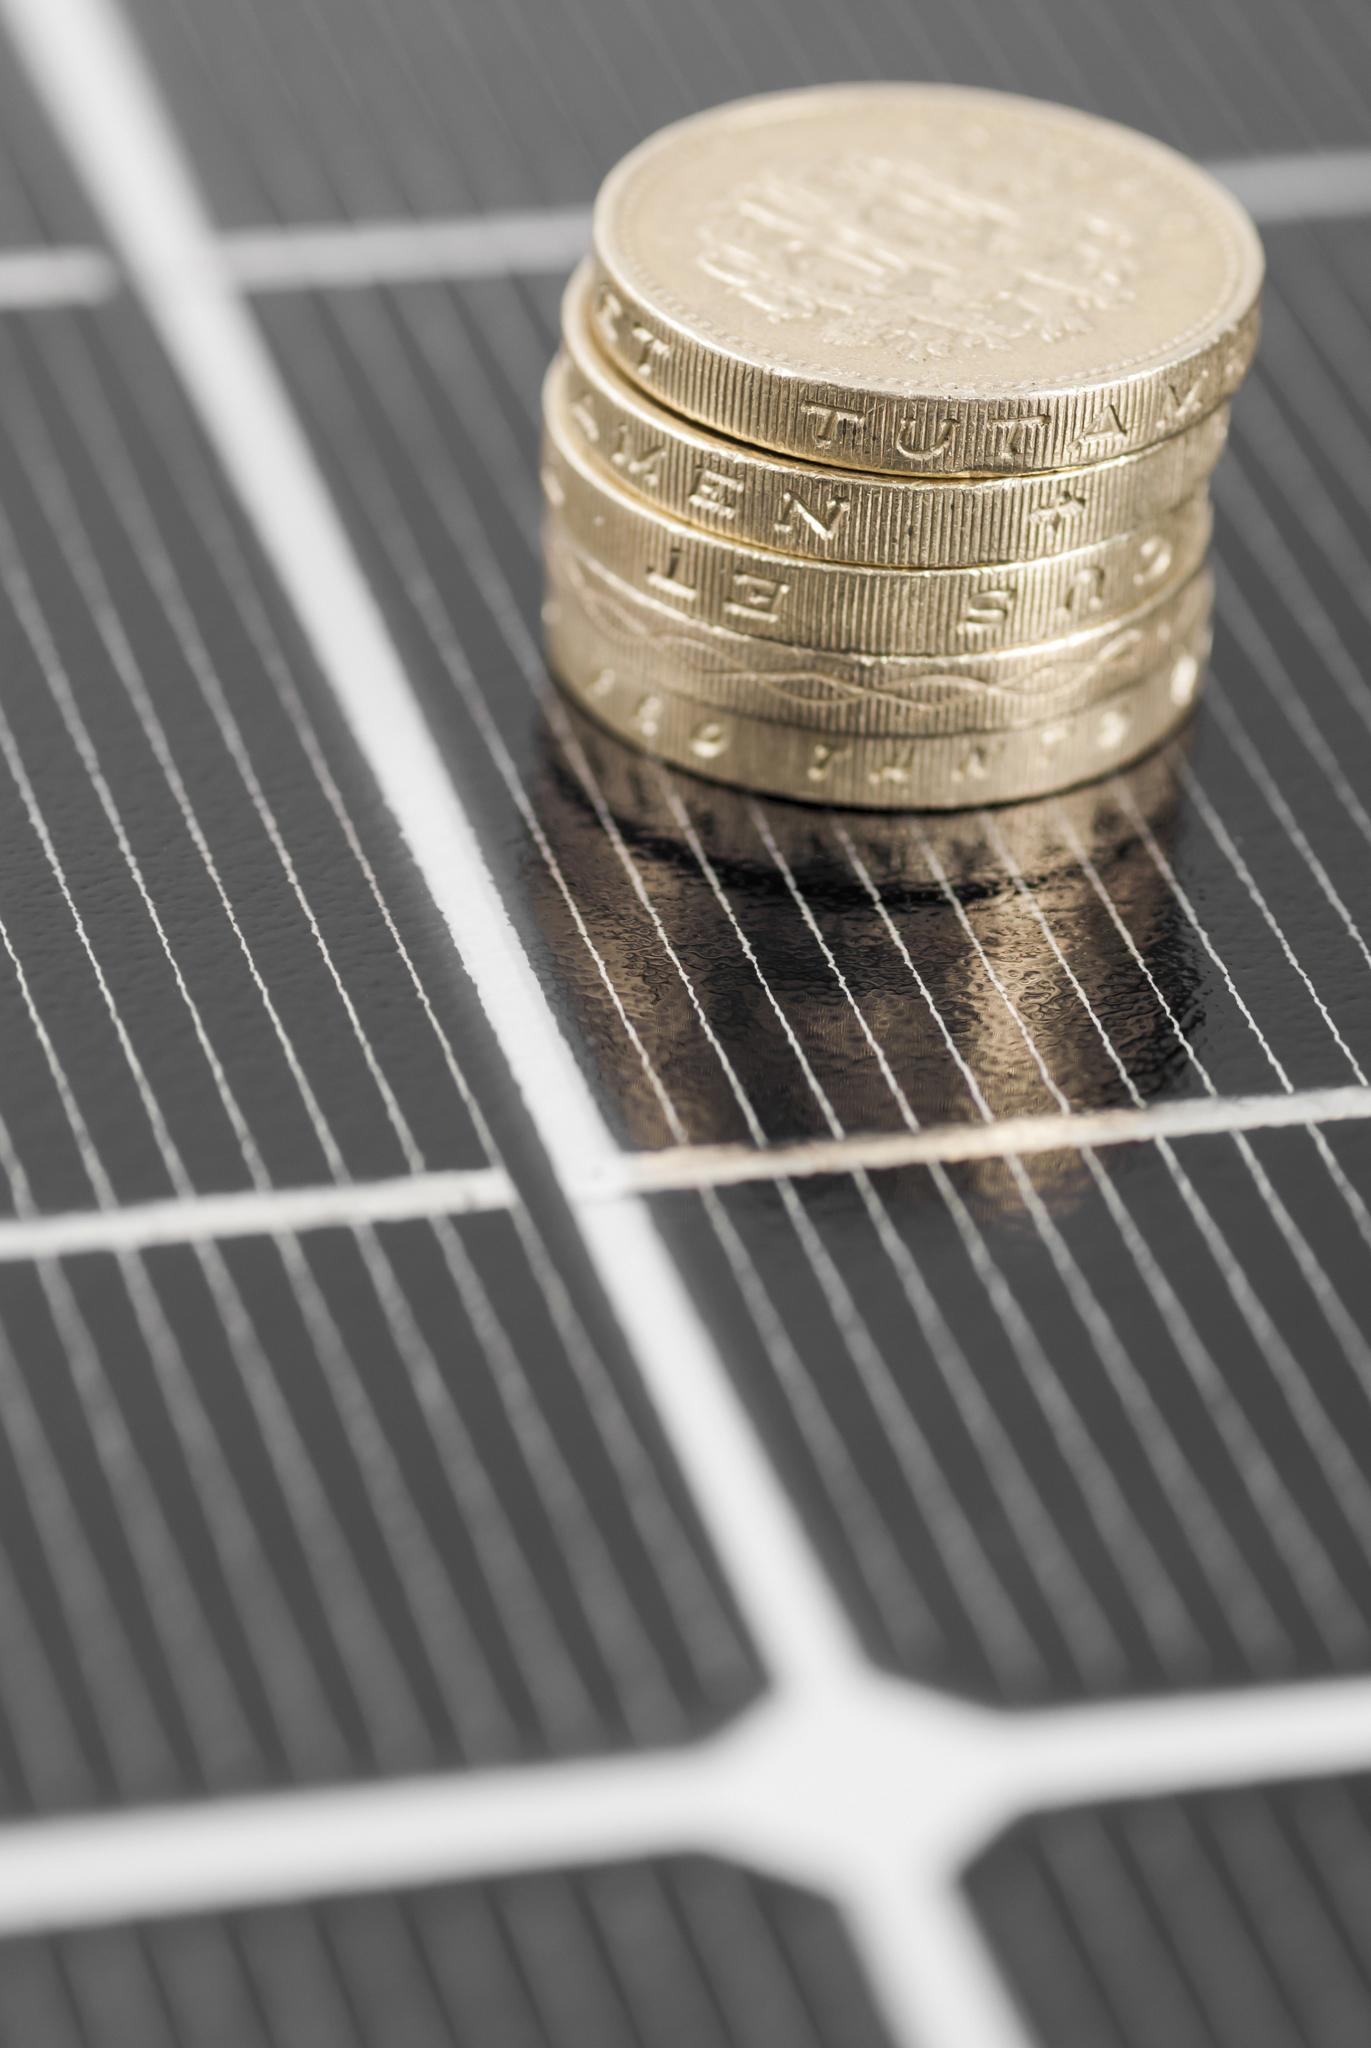 panneaux solaires rentables sur le long terme lorraine magazine. Black Bedroom Furniture Sets. Home Design Ideas